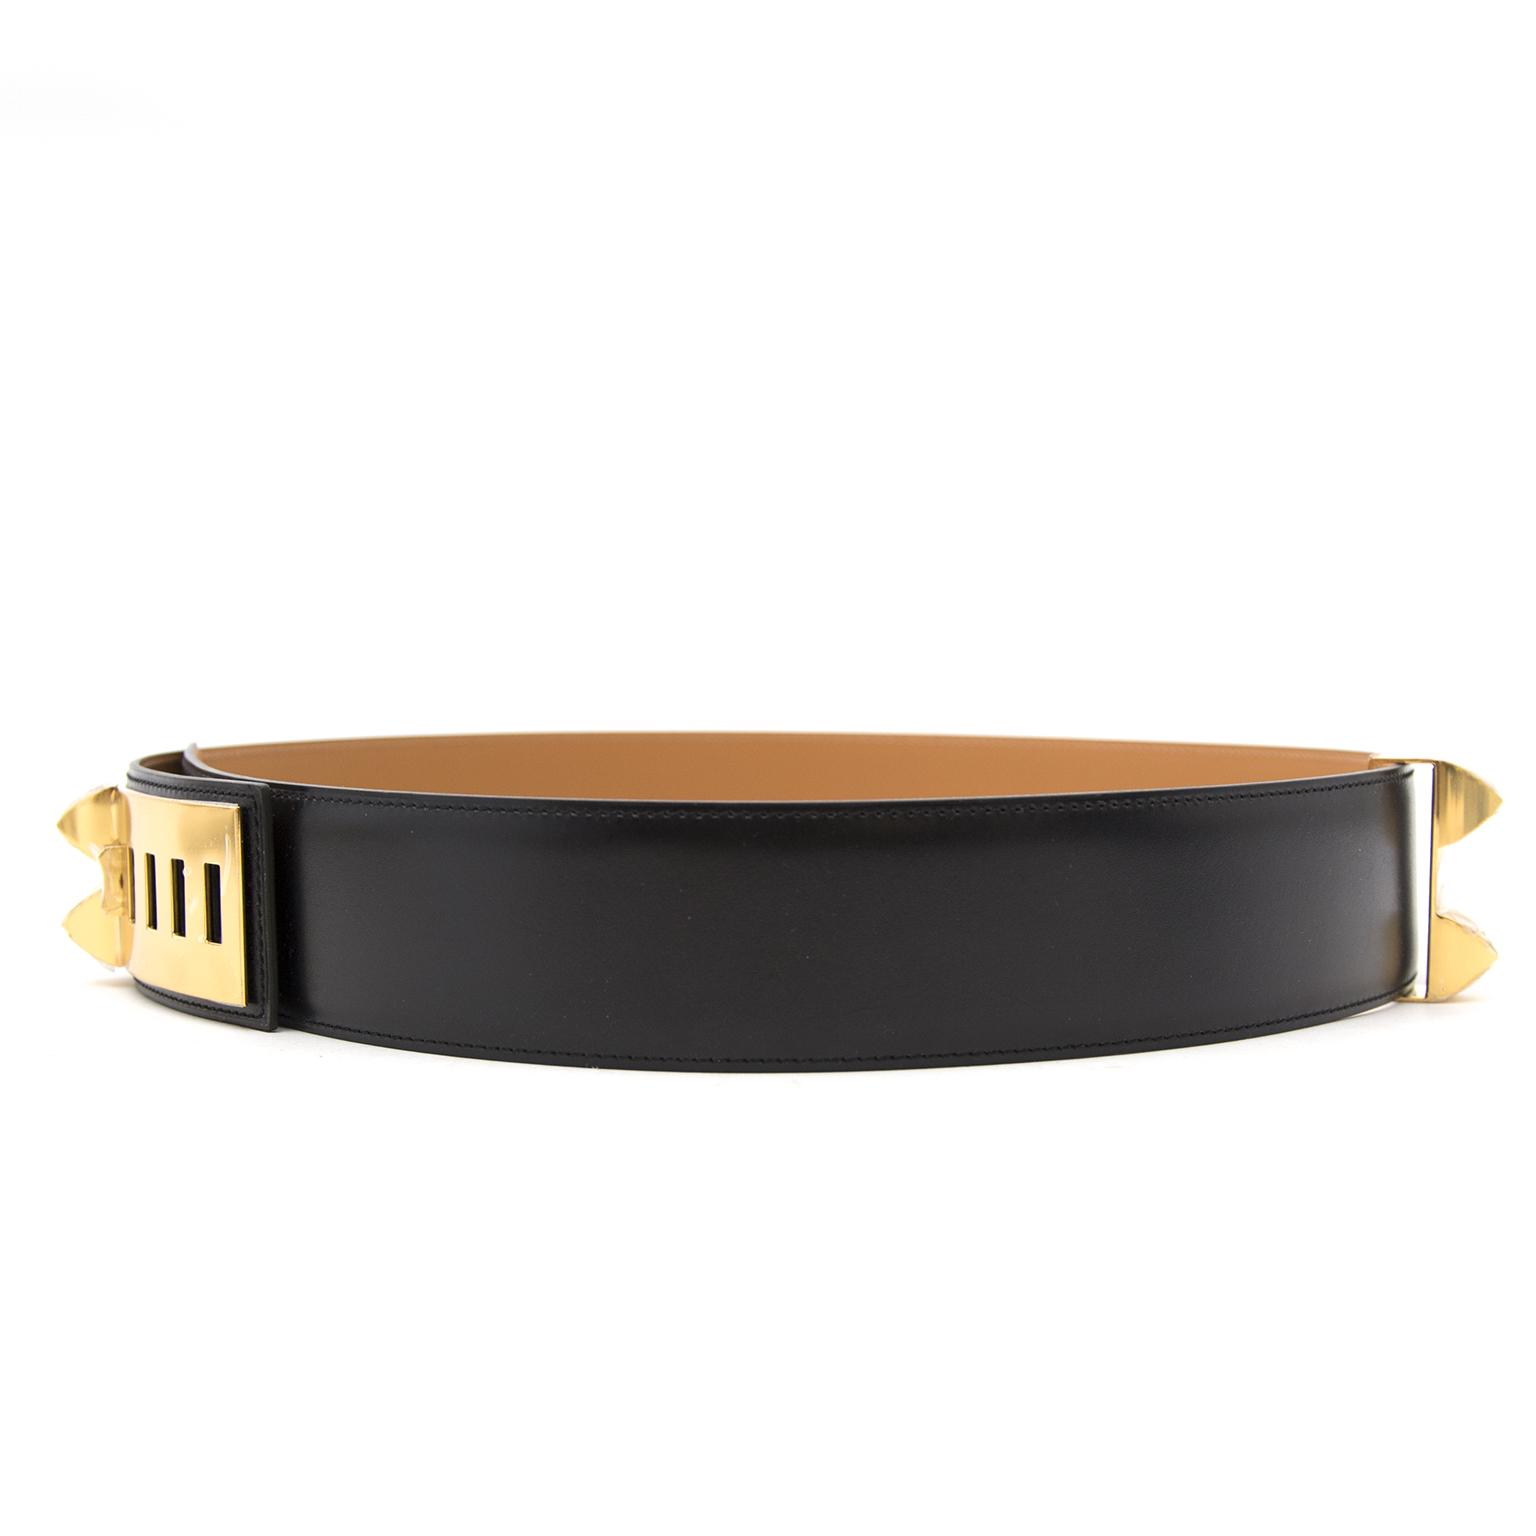 Koop nu veilig een nieuwe Hermès Collier de Chien riem op www.labellov.com aan de beste prijs